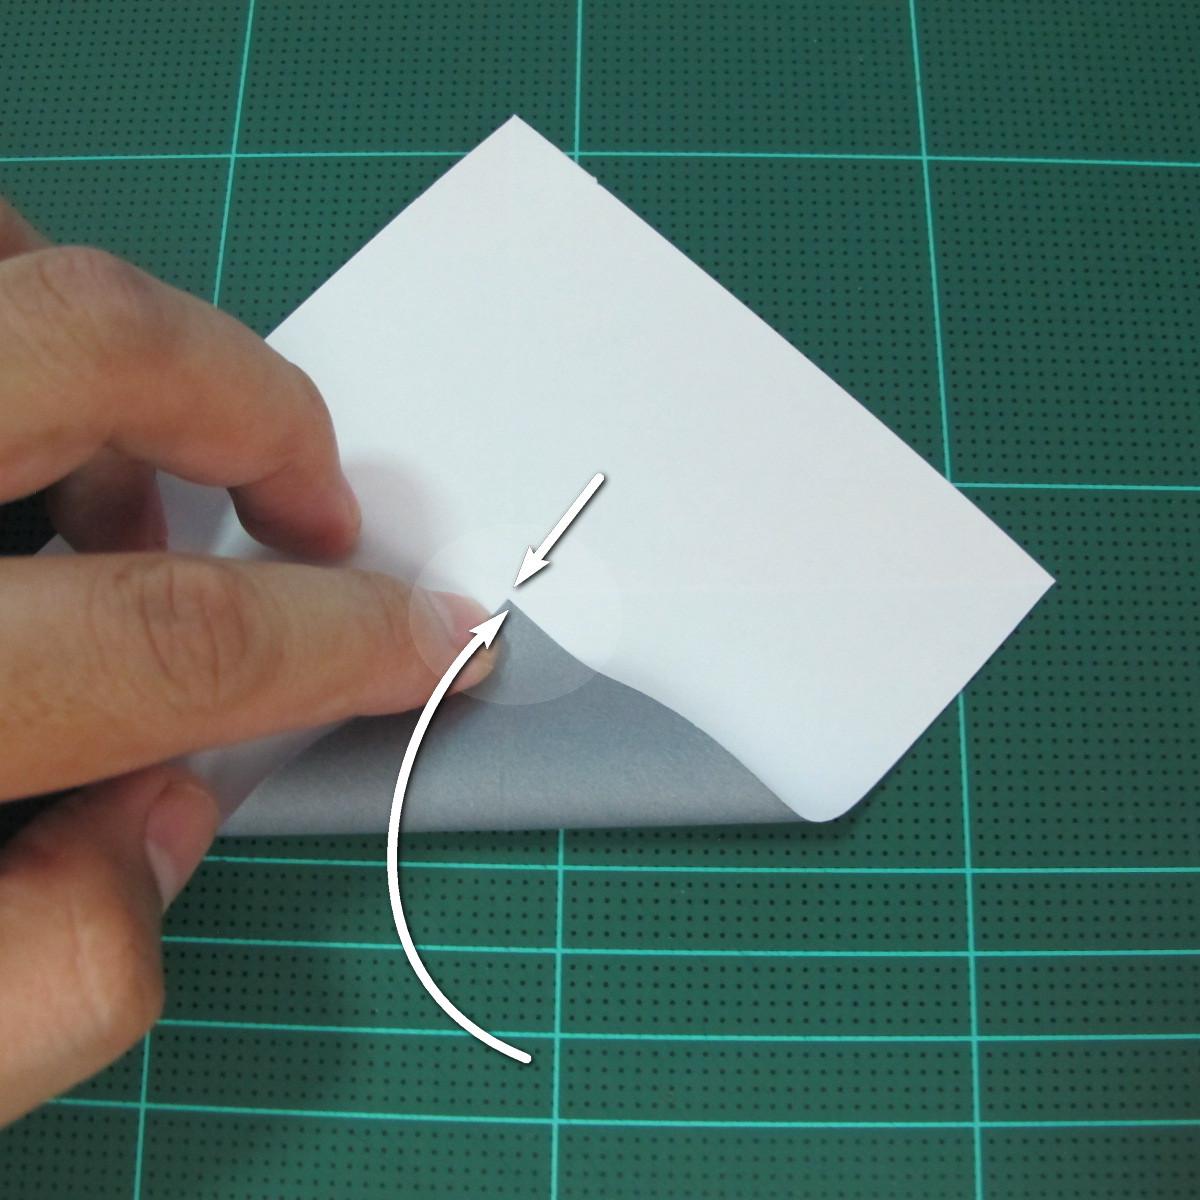 วิธีพับกล่องของขวัญแบบโมดูล่า (Modular Origami Decorative Box) โดย Tomoko Fuse 005